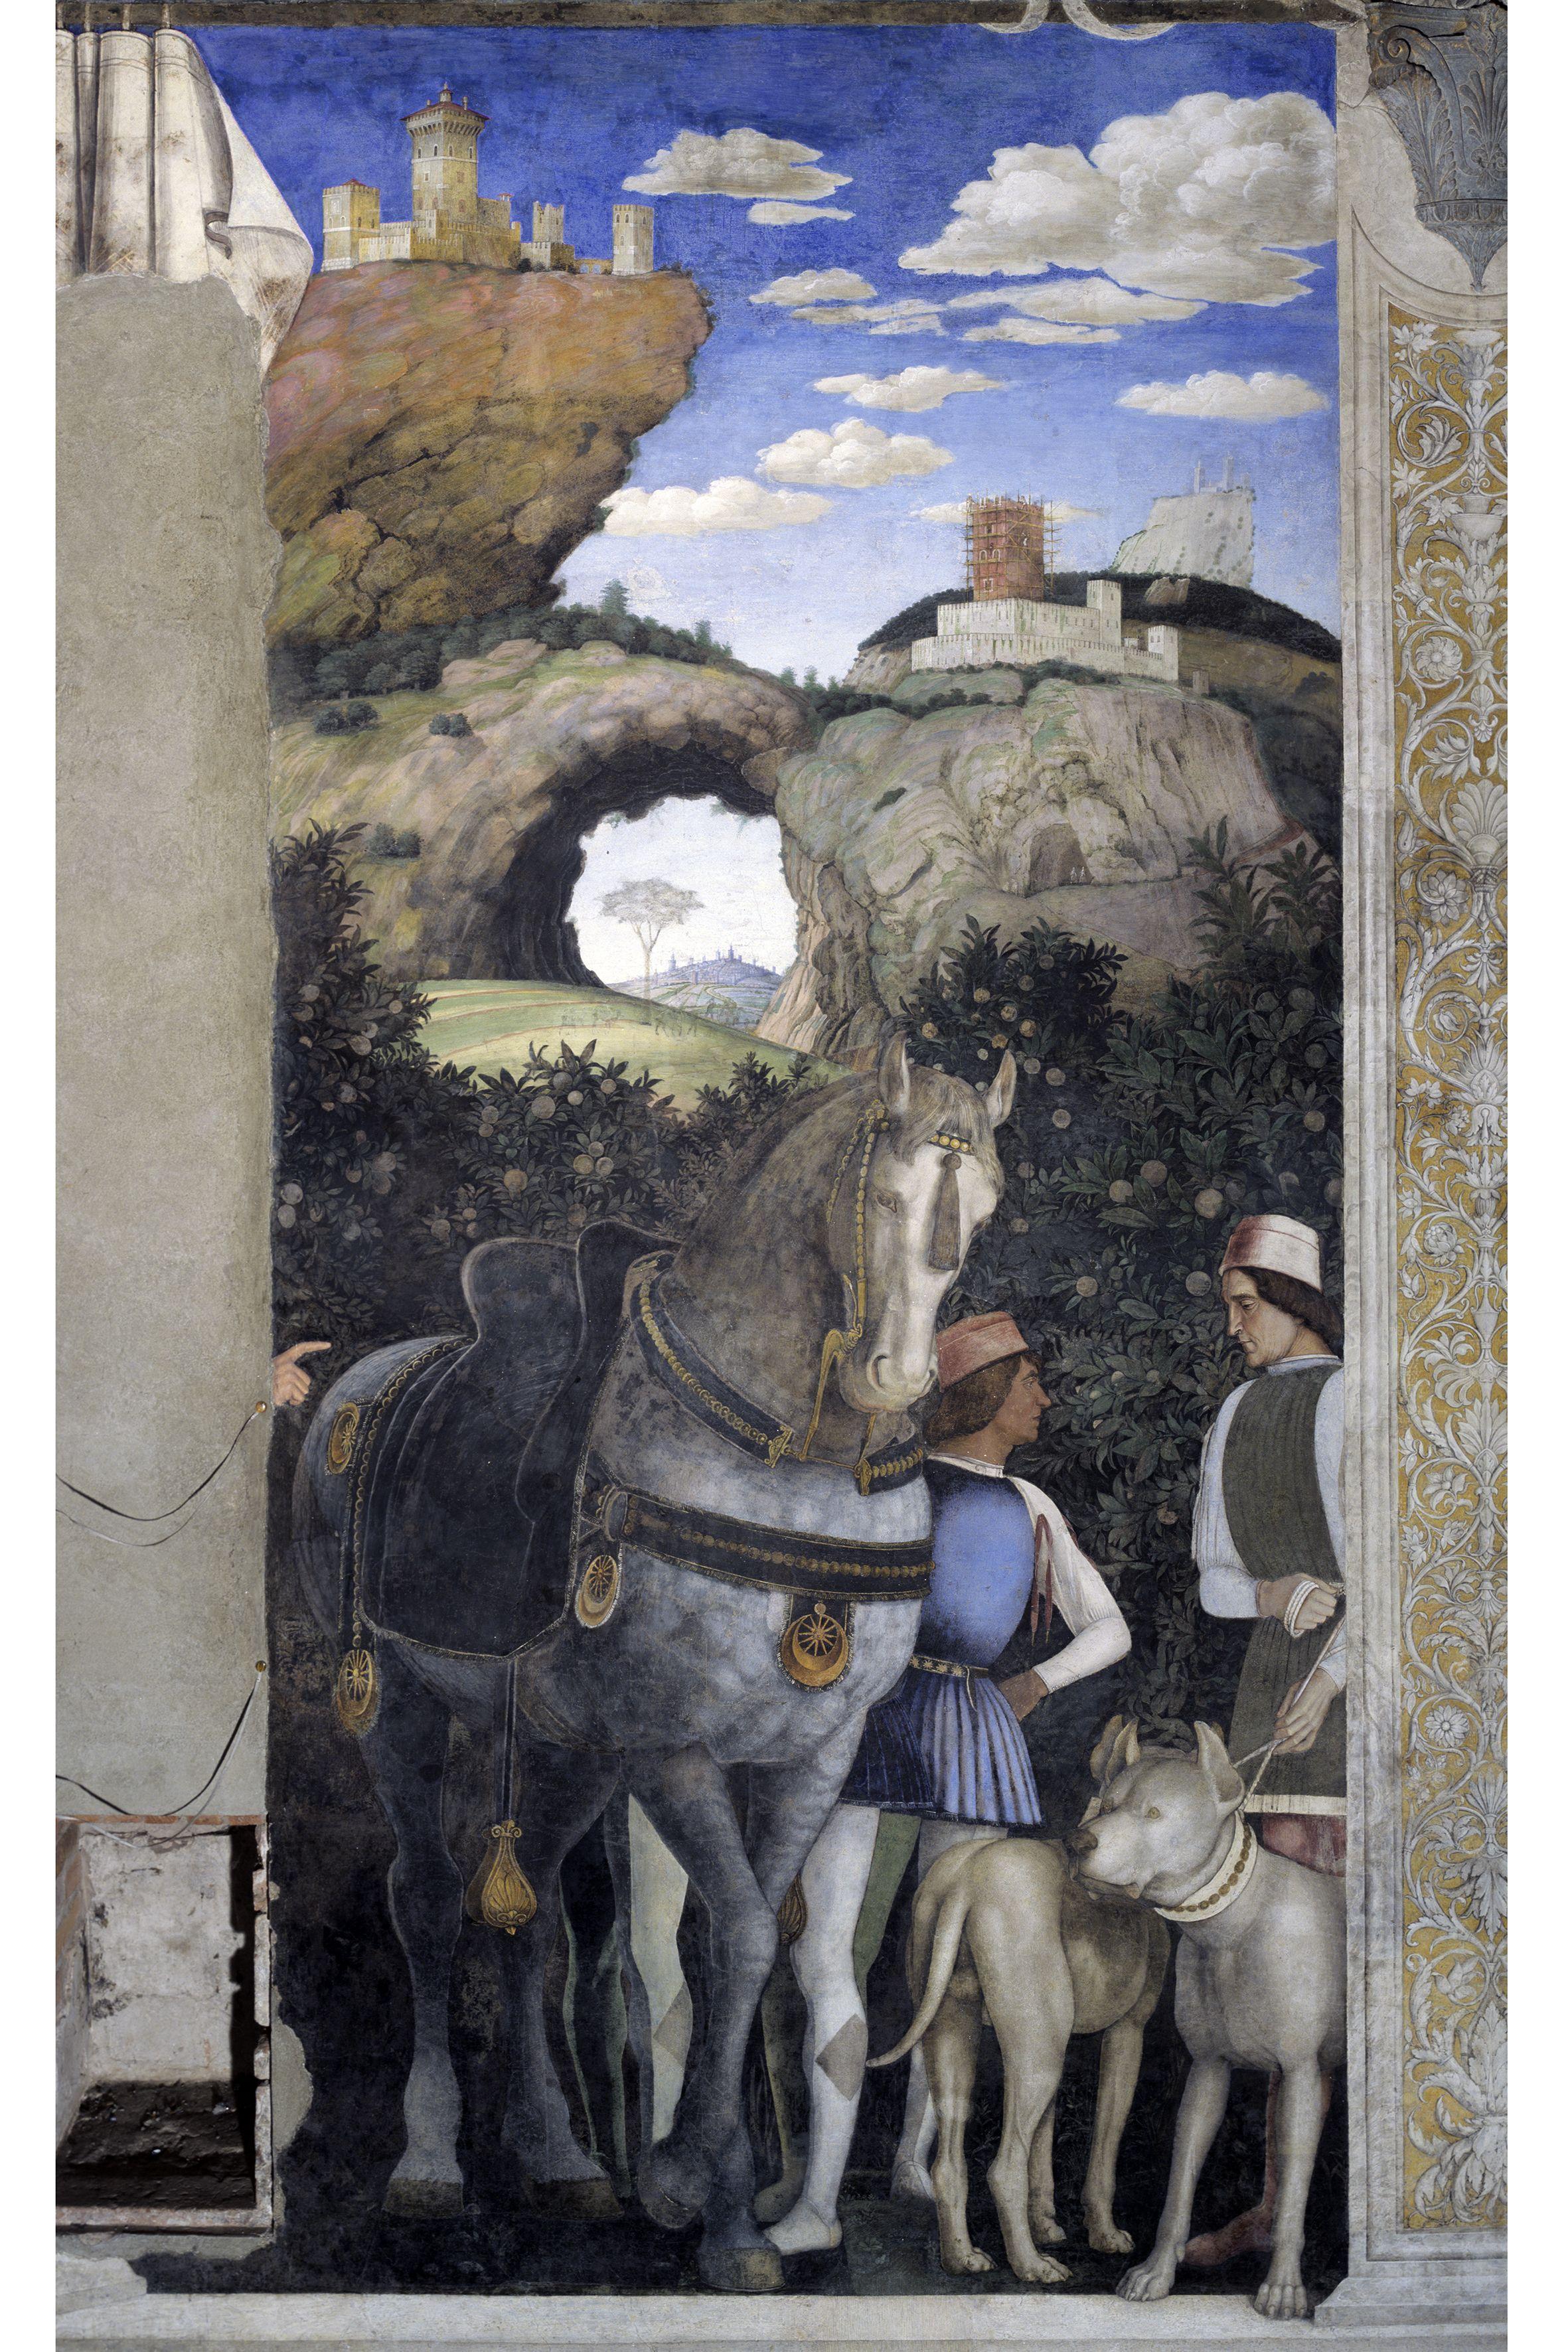 Palazzo ducale andrea mantegna camera degli sposi foto for Mantova palazzo ducale camera degli sposi